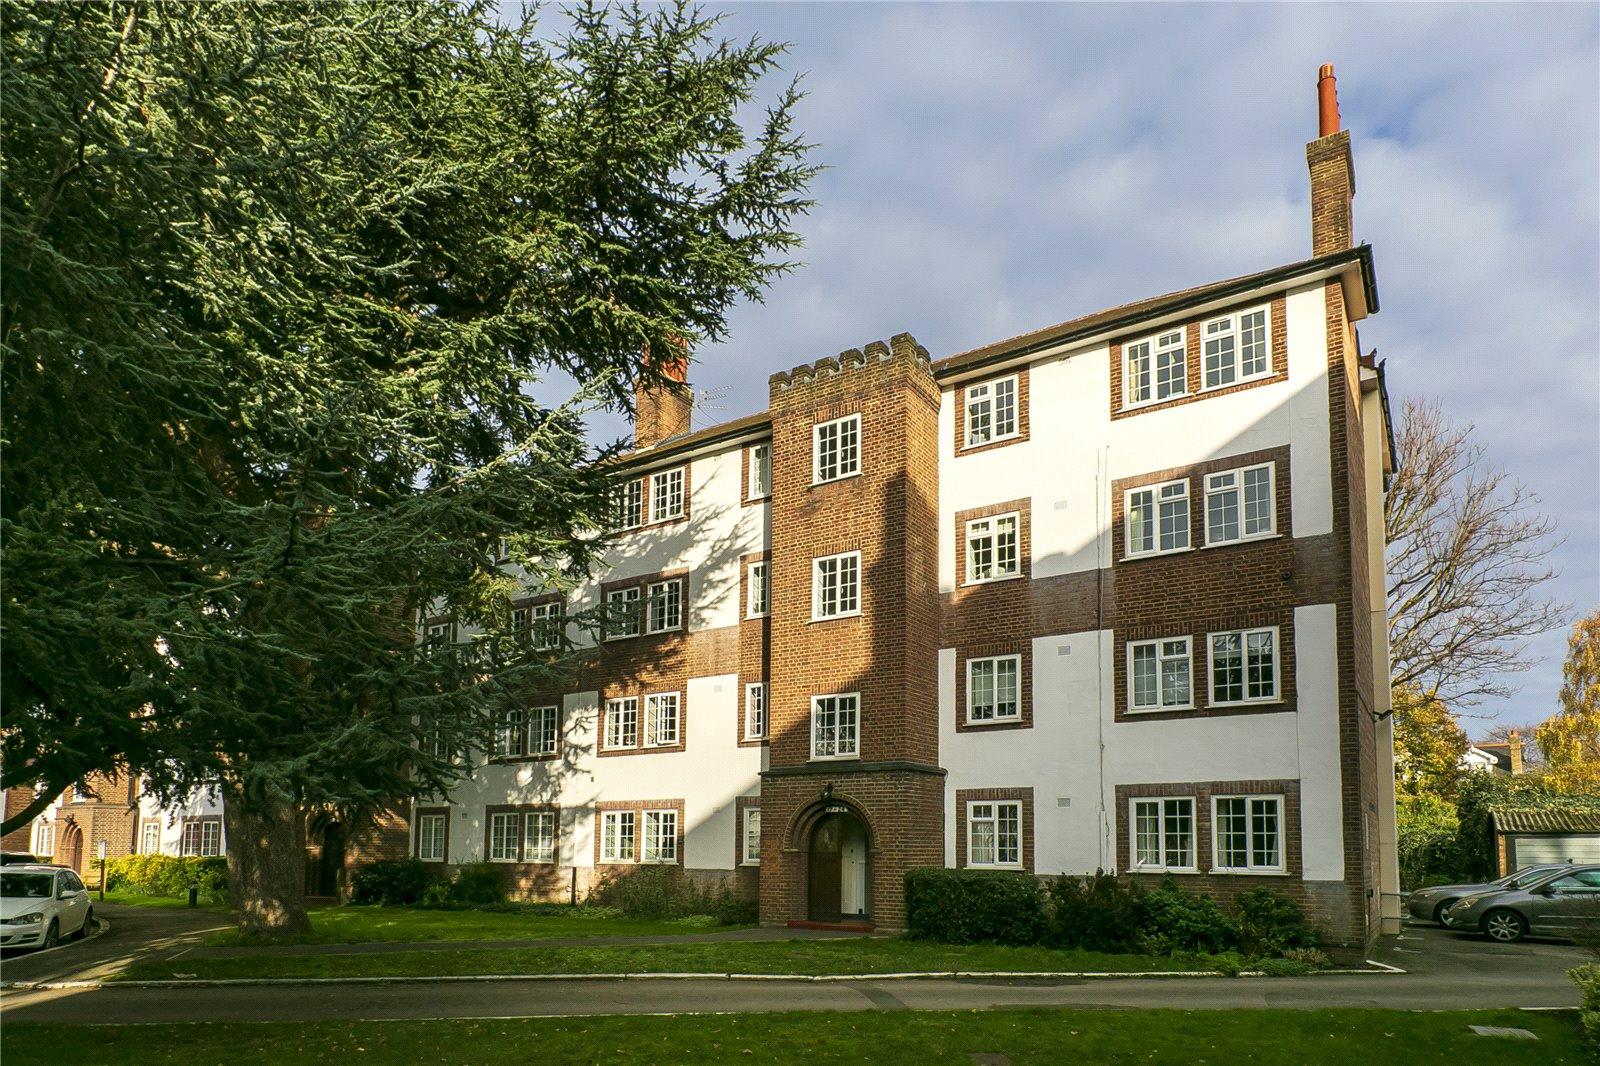 Gloucester Court, Kew Road, TW9 3EB - Antony Roberts